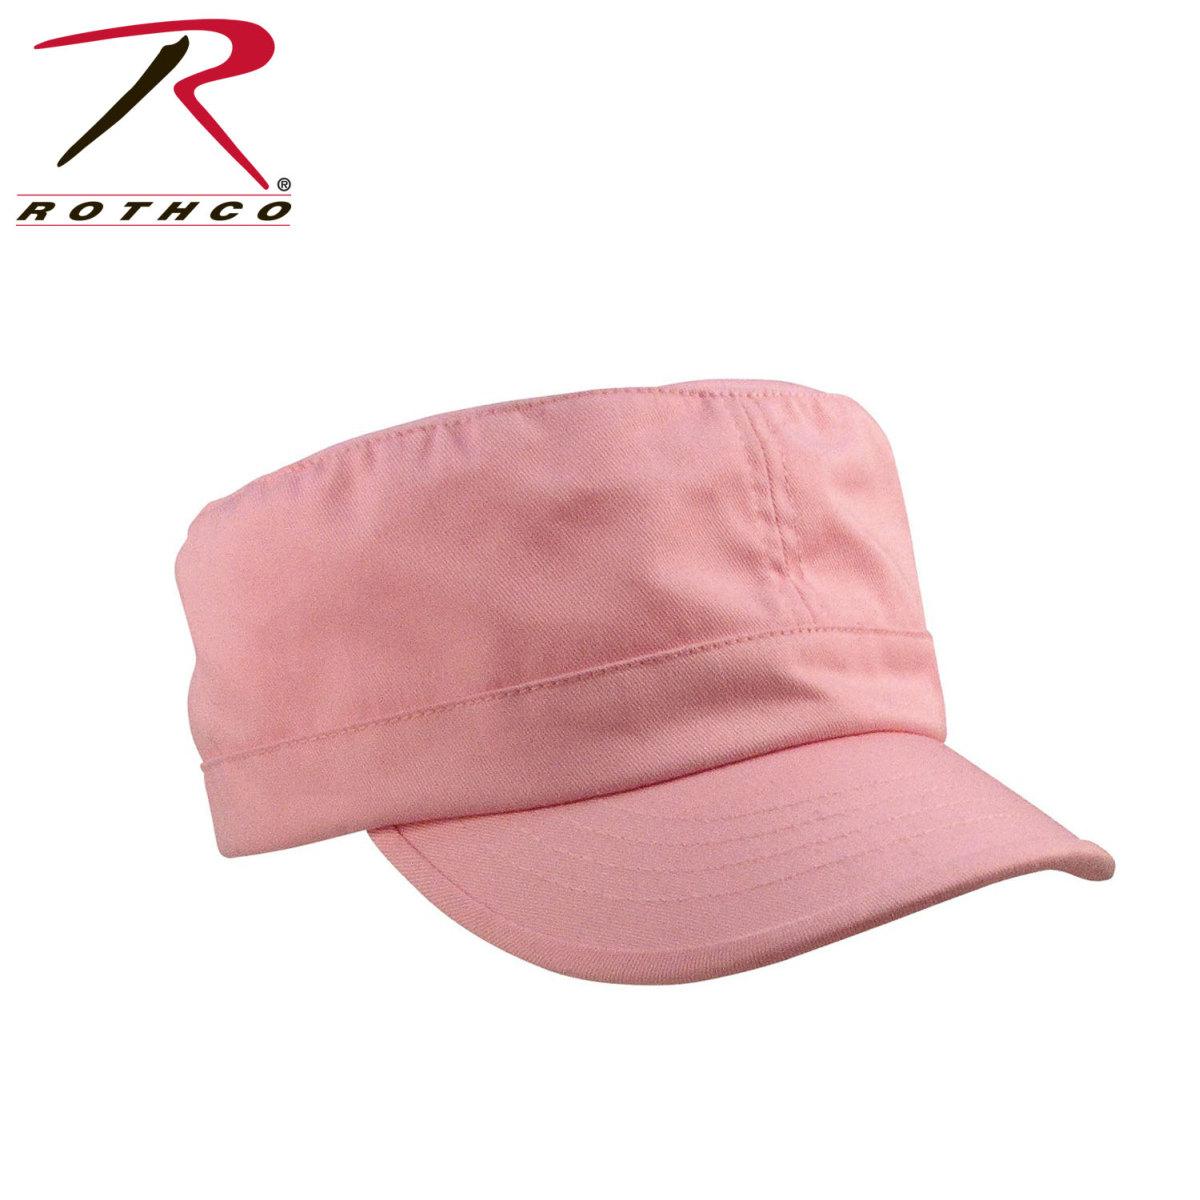 Womens Headwear